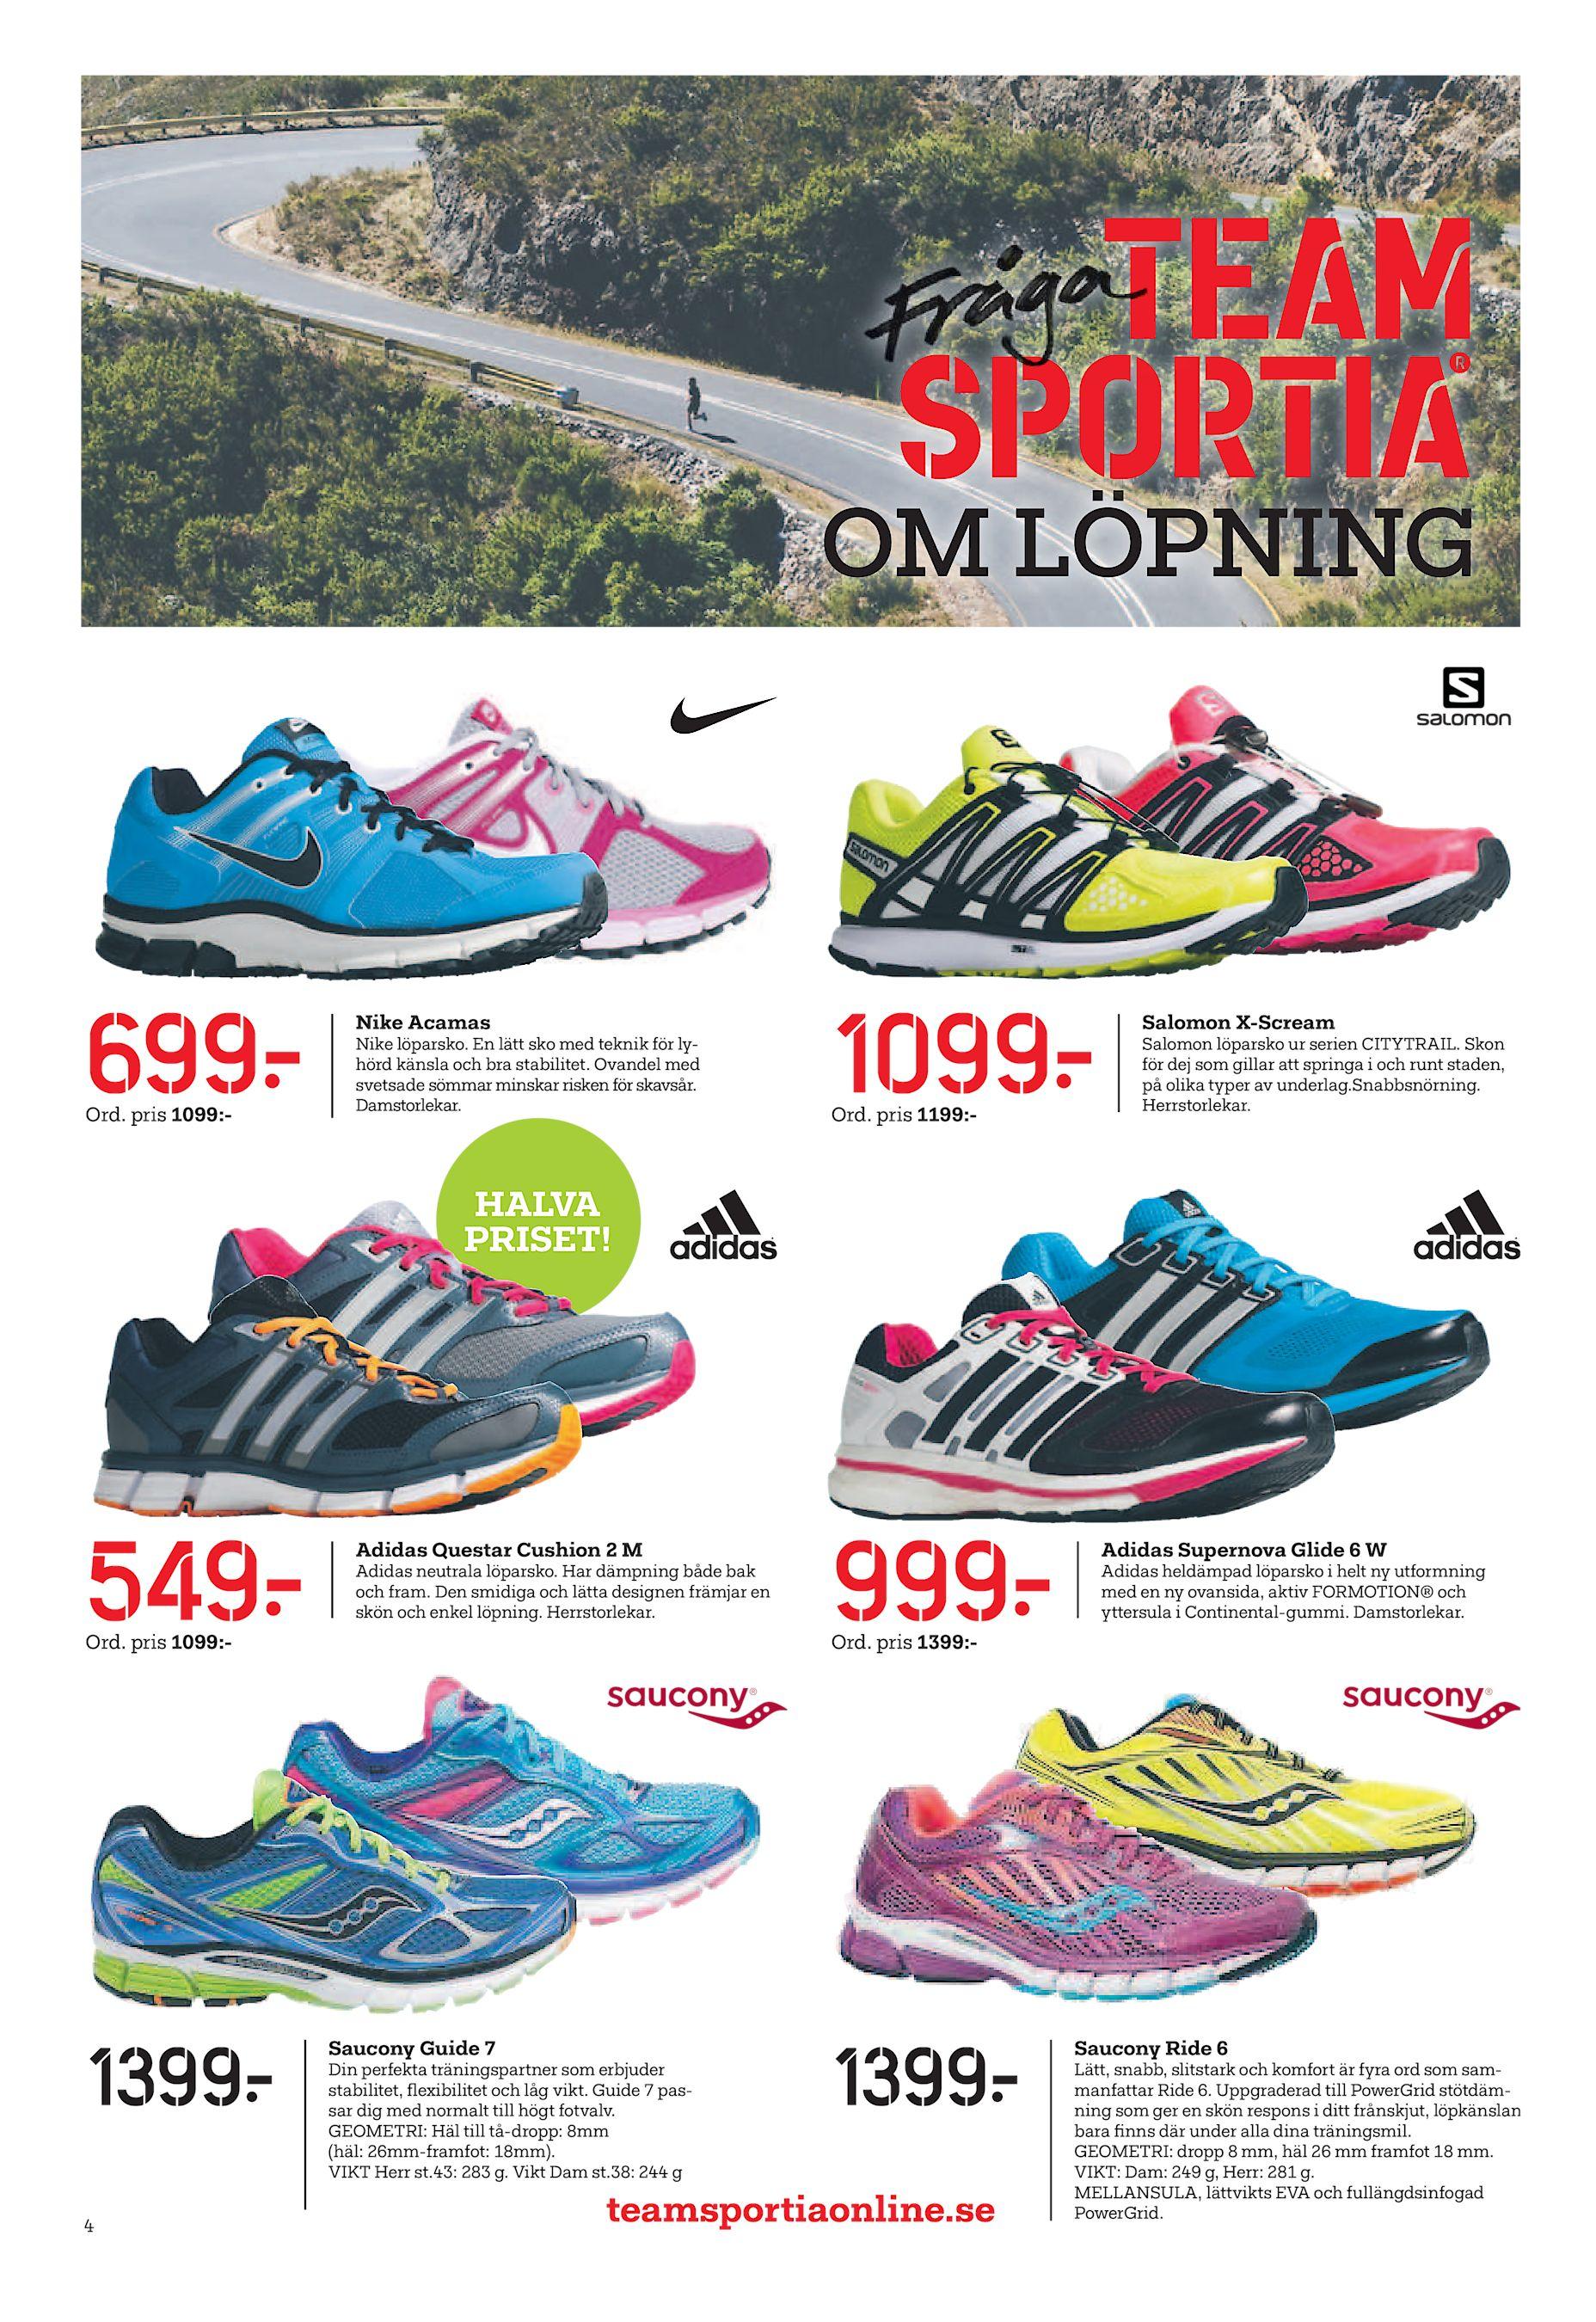 on sale a23fb 3d9b4 OM LÖPNING 699  Ord. pris 1099 - Nike Acamas Nike löparsko. En lätt sko med  teknik för lyhörd känsla och bra stabilitet. Ovandel med svetsade sömmar  minskar ...